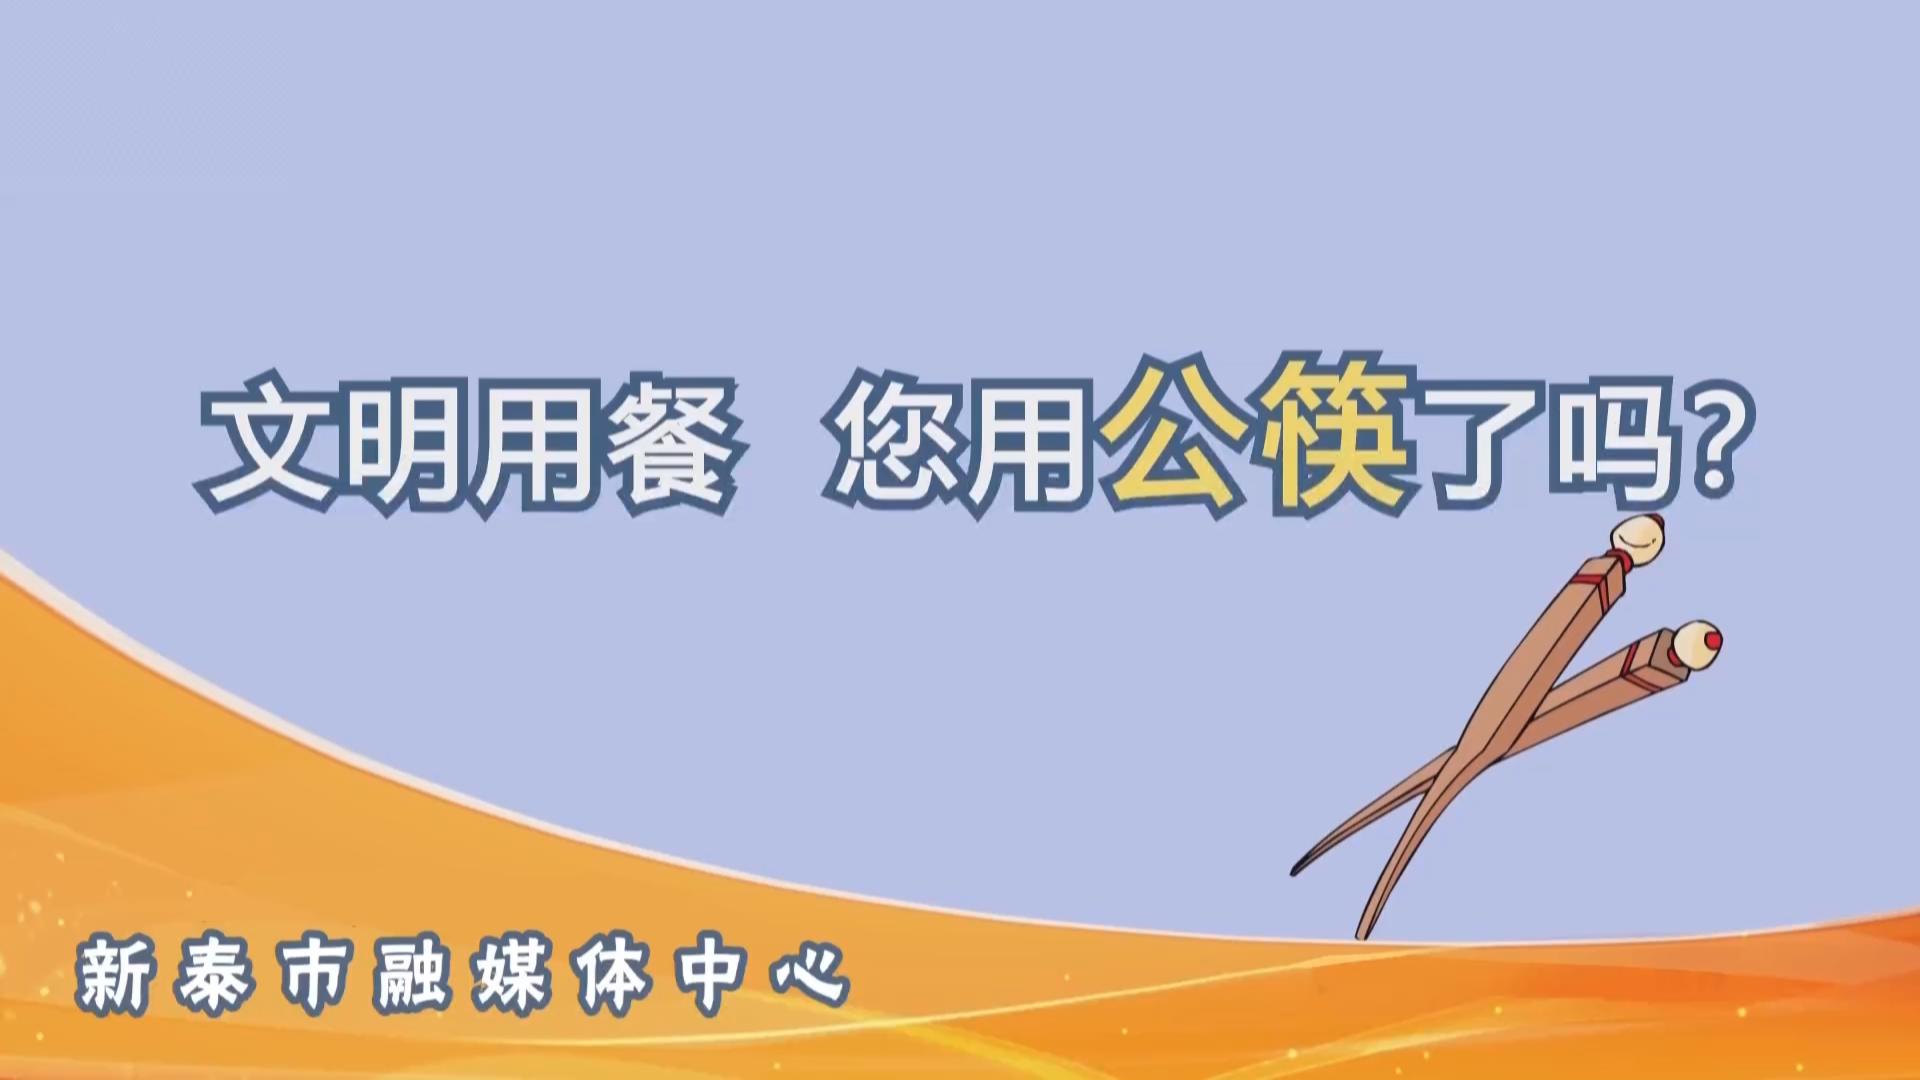 《文明用餐 您用公筷了吗?》